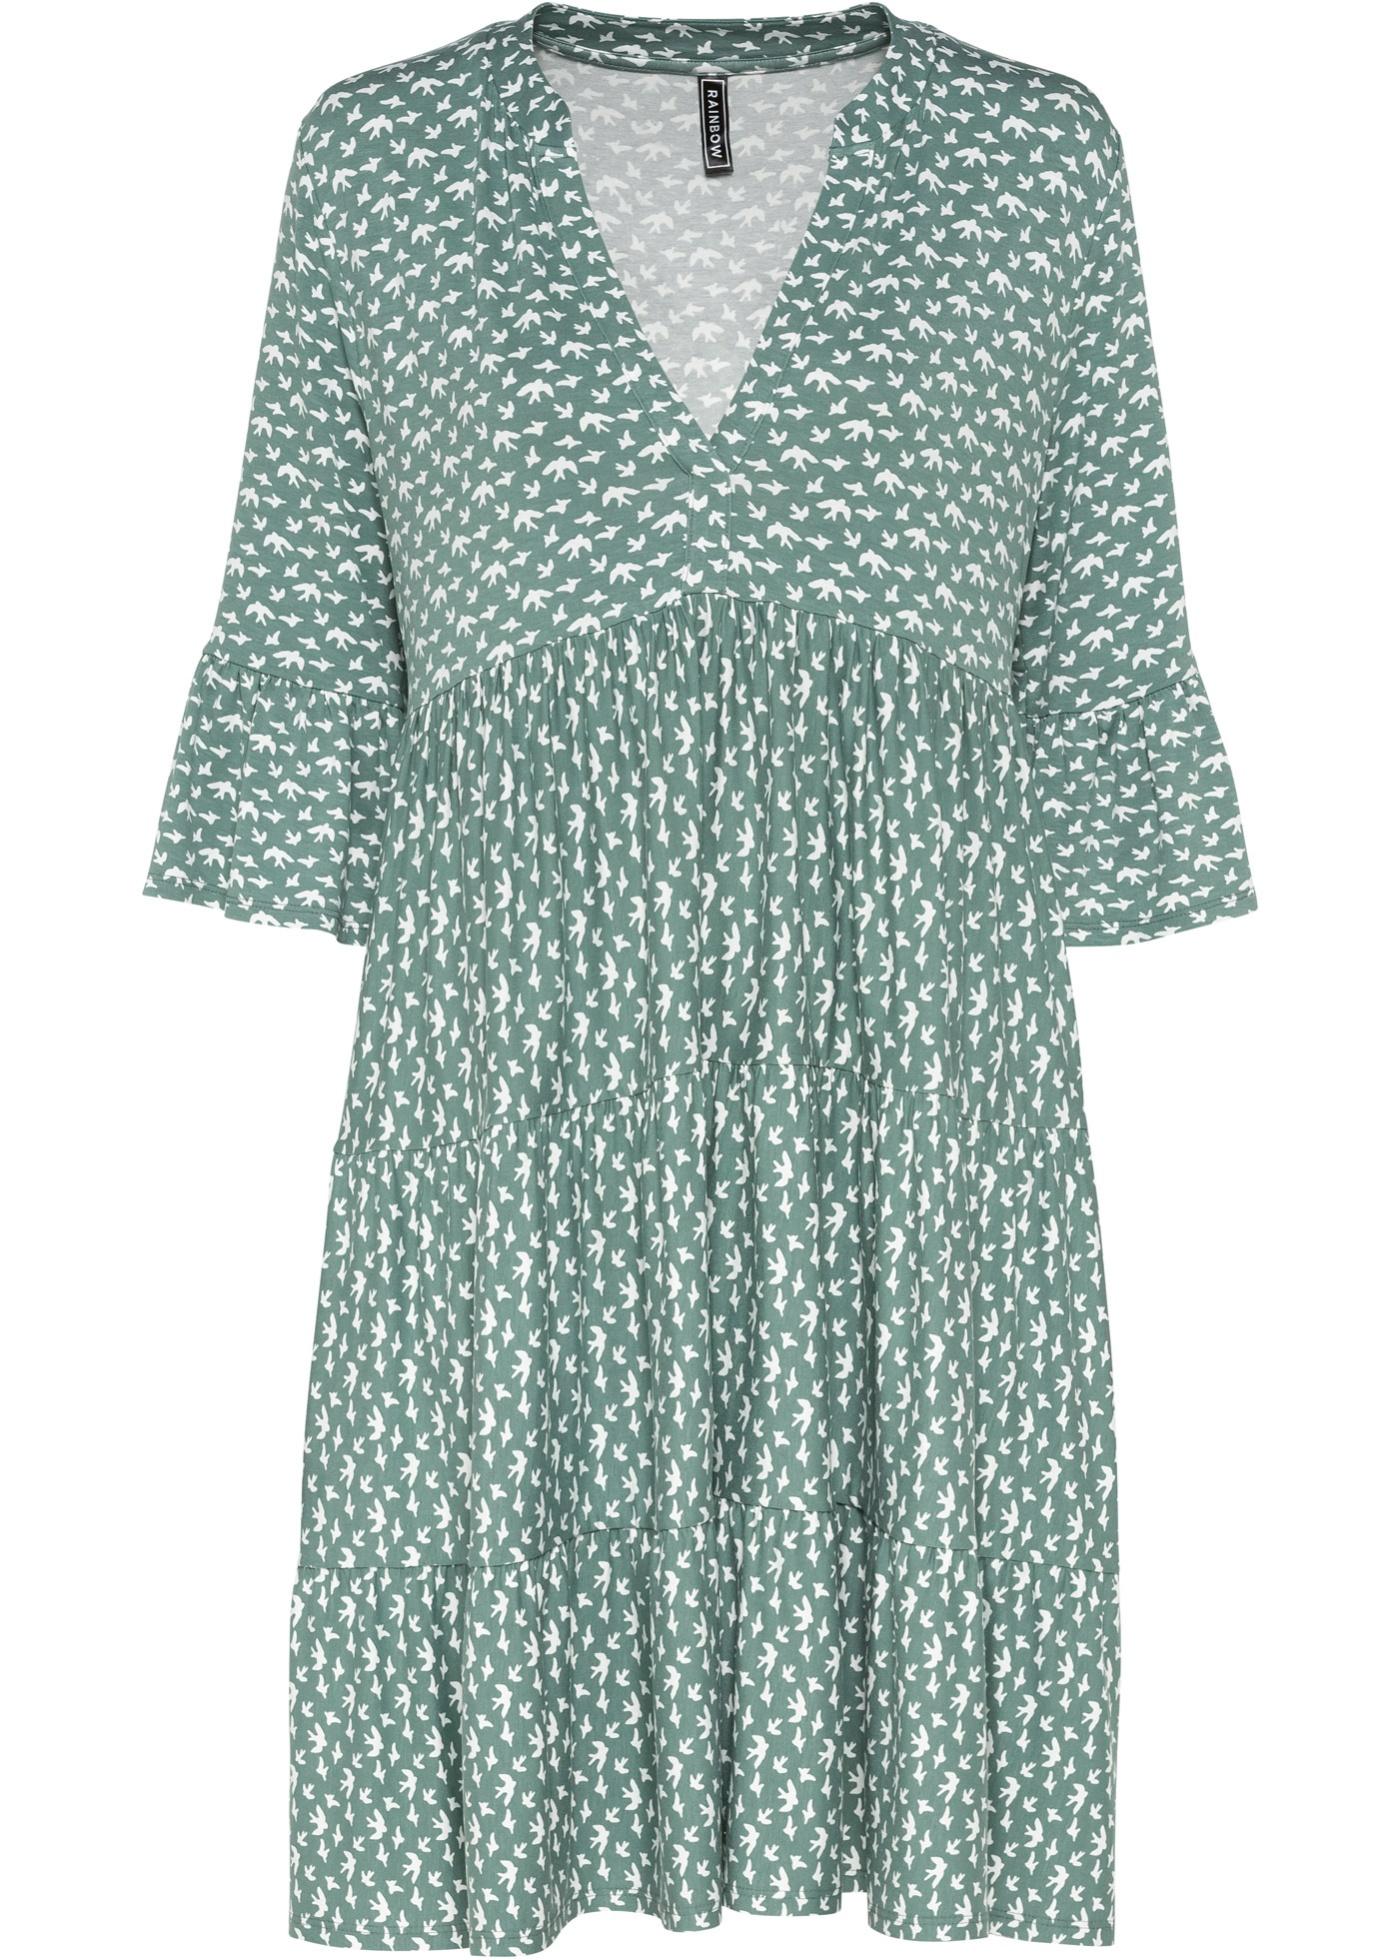 Gemustertes Kleid mit V-Ausschnitt